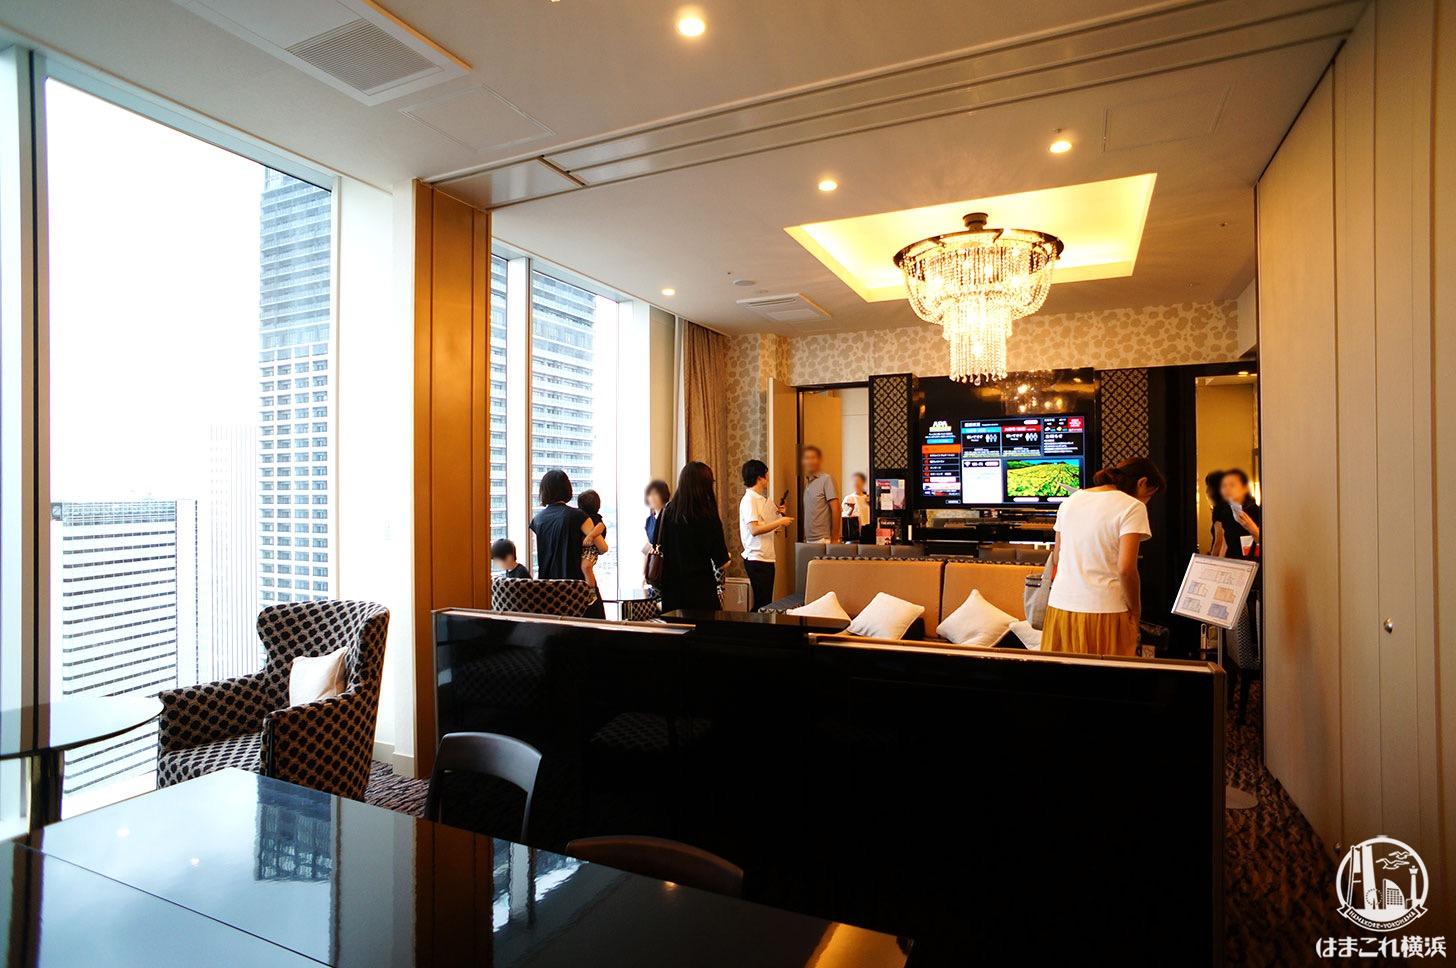 アパホテル&リゾート 横浜ベイタワー 「インペリアルスイート」